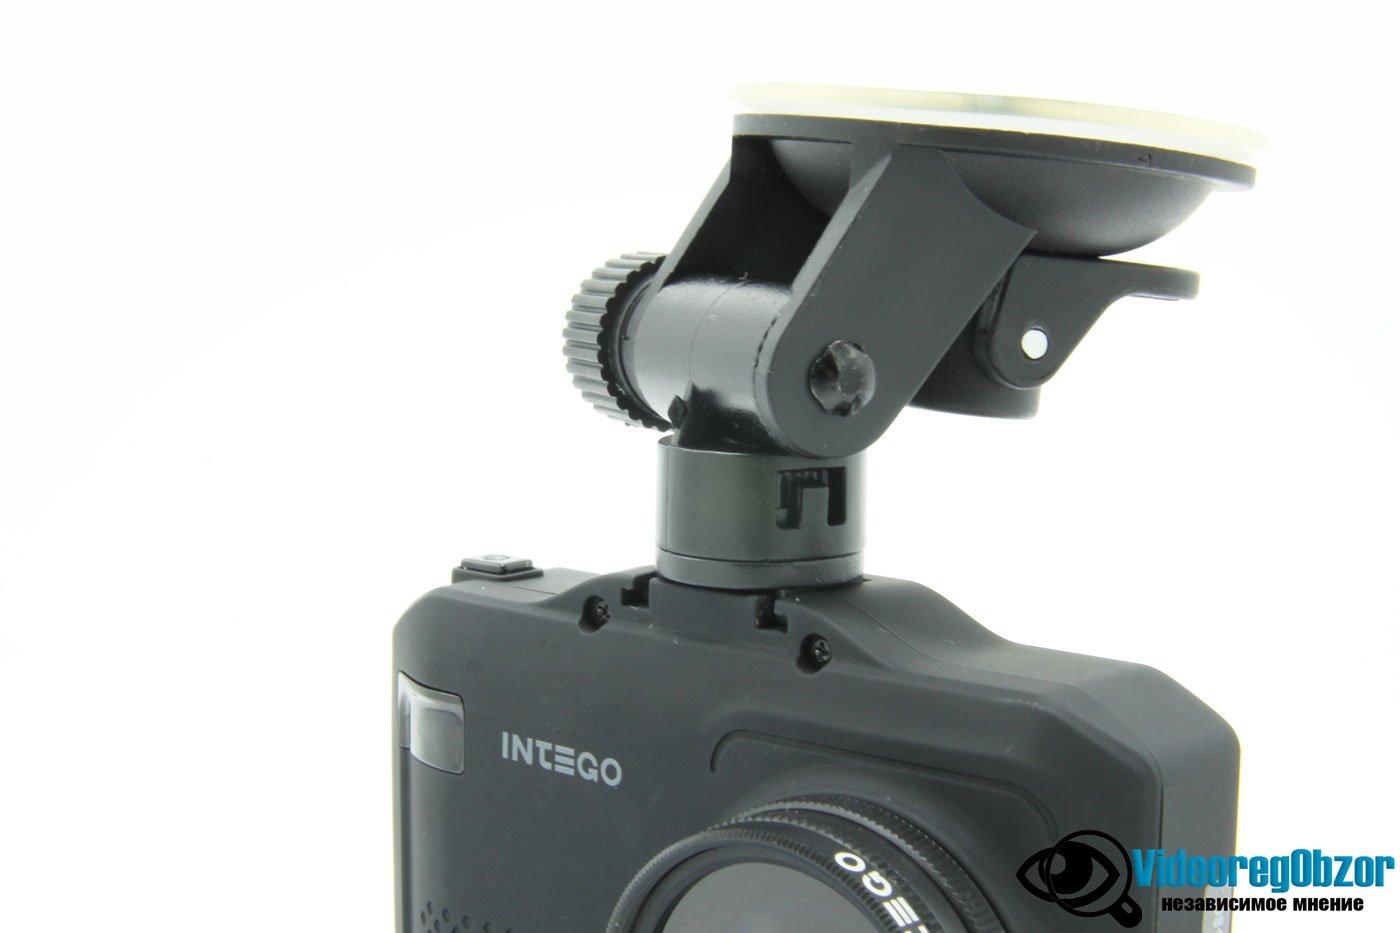 INTEGO VX 1000S 25